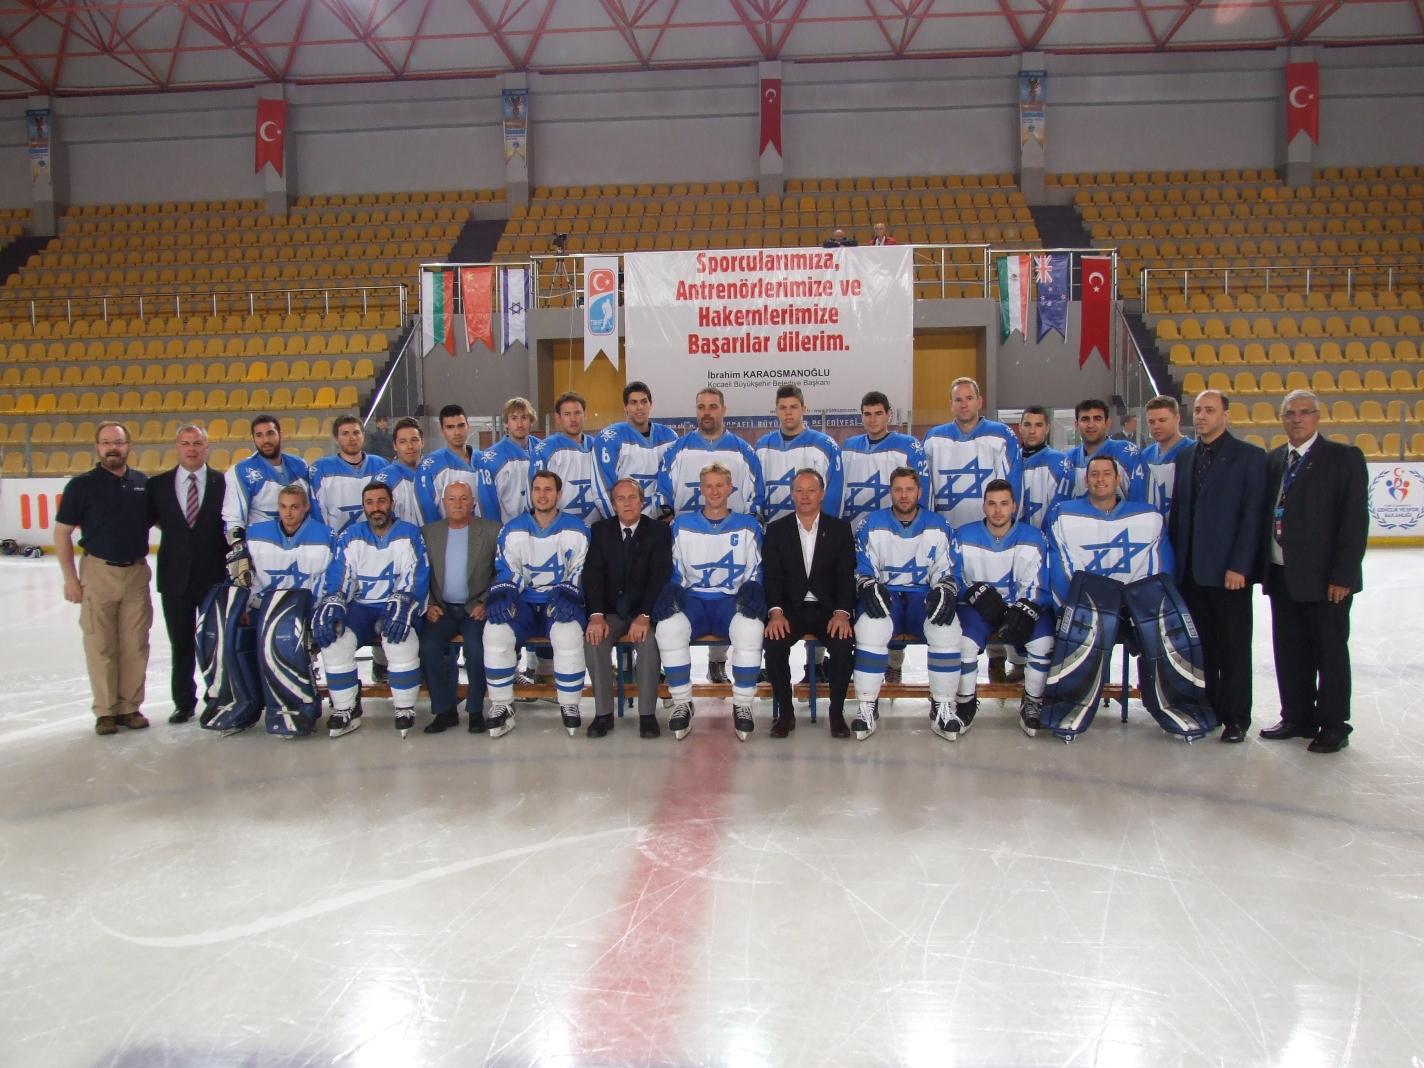 Хоккей в Израиле: успехи национальной сборной